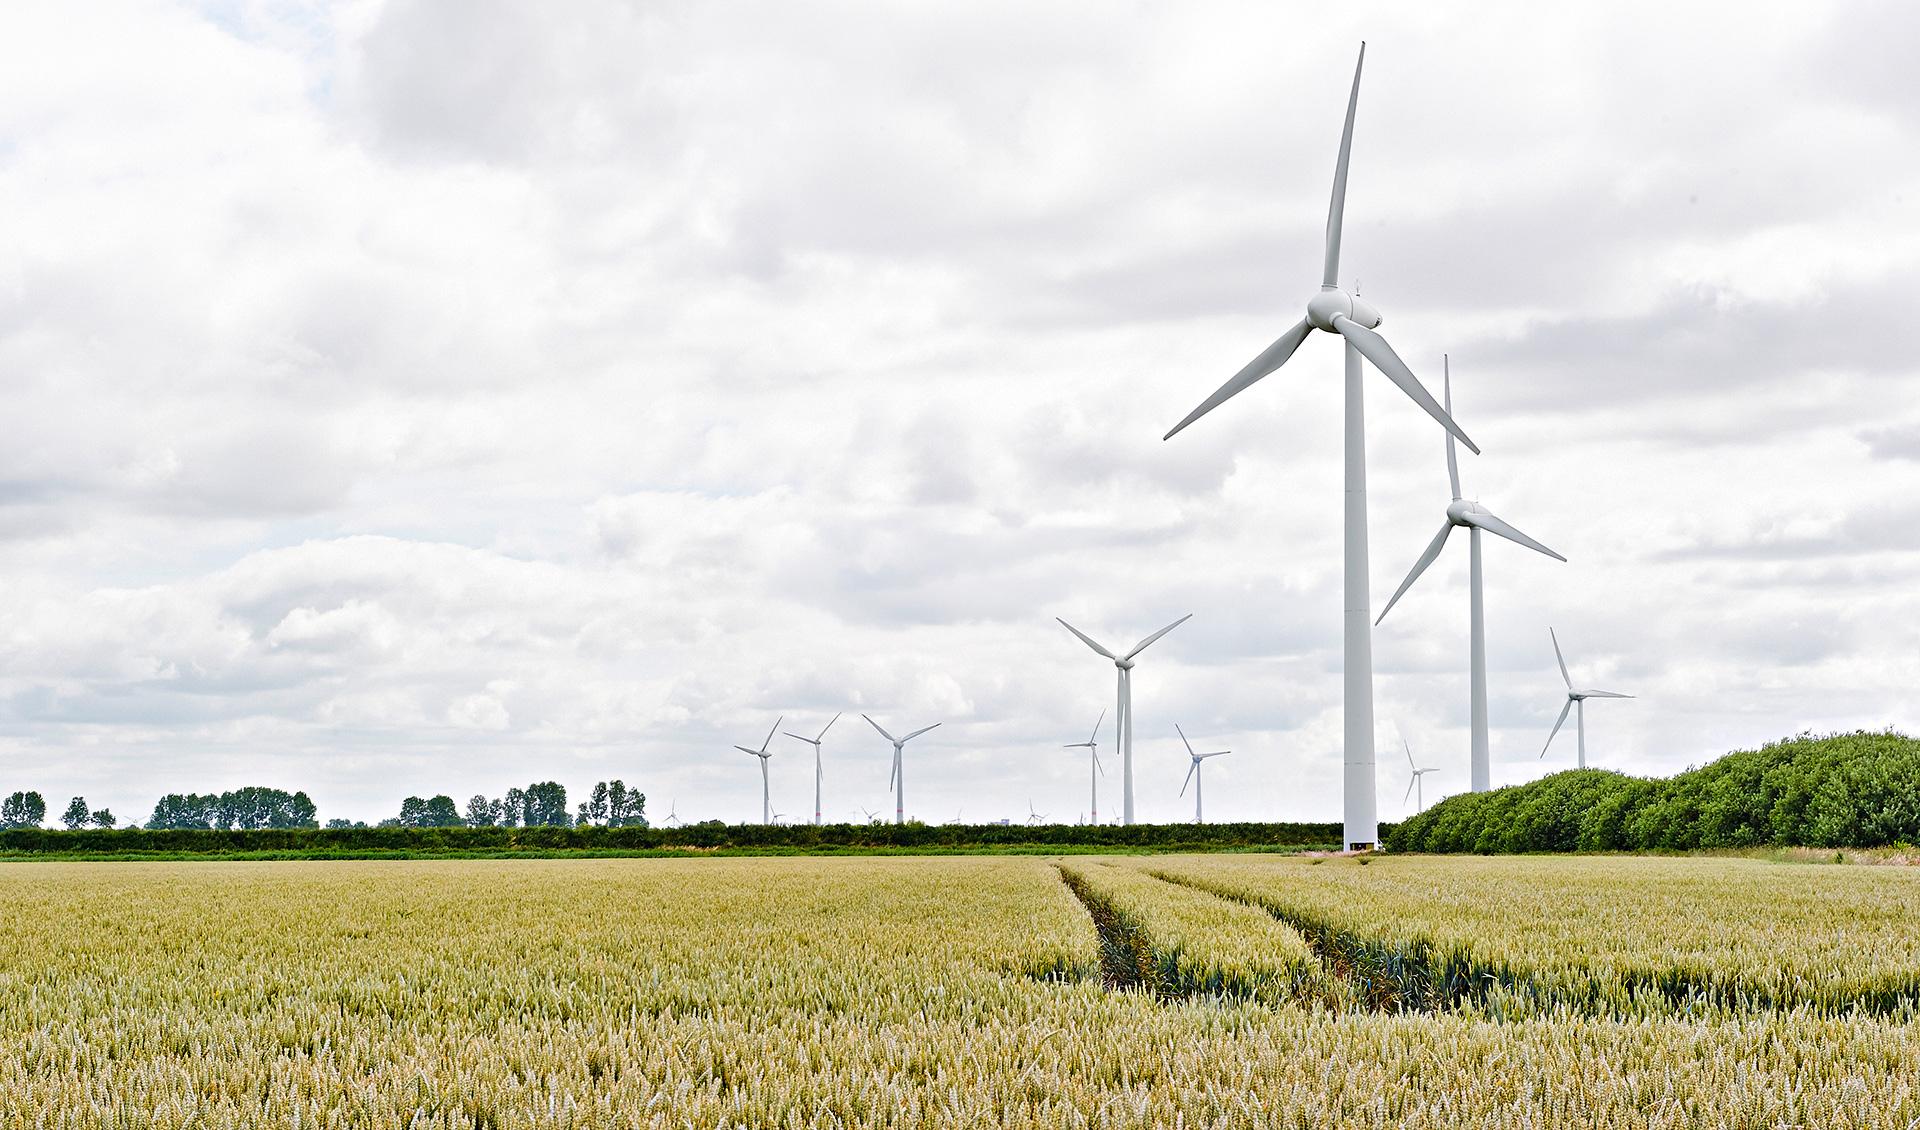 Éoliennes dans un paysage